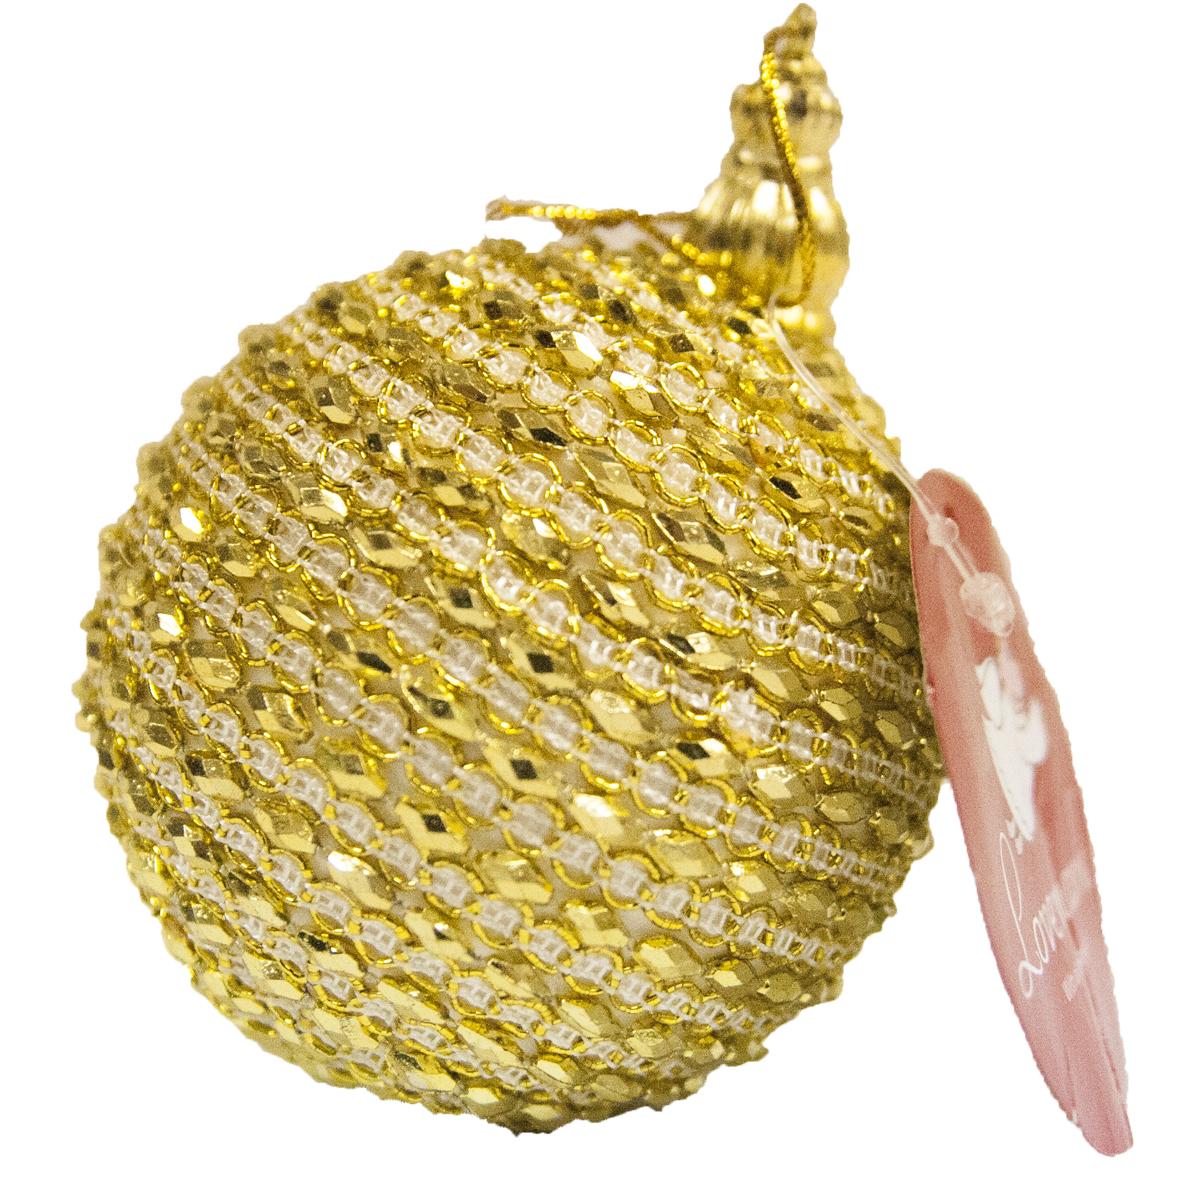 Новогоднее подвесное украшение Lovemark Шар, цвет: золотой, диаметр 8 смHZ23-0442GНовогоднее украшение Lovemark Шар отлично подойдет для декорации вашего дома и новогодней ели. С помощью специальной петельки украшение можно повесить в любом понравившемся вам месте. Но, конечно, удачнее всего оно будет смотреться на праздничной елке.Елочная игрушка - символ Нового года. Она несет в себе волшебство и красоту праздника. Такое украшение создаст в вашем доме атмосферу праздника, веселья и радости.